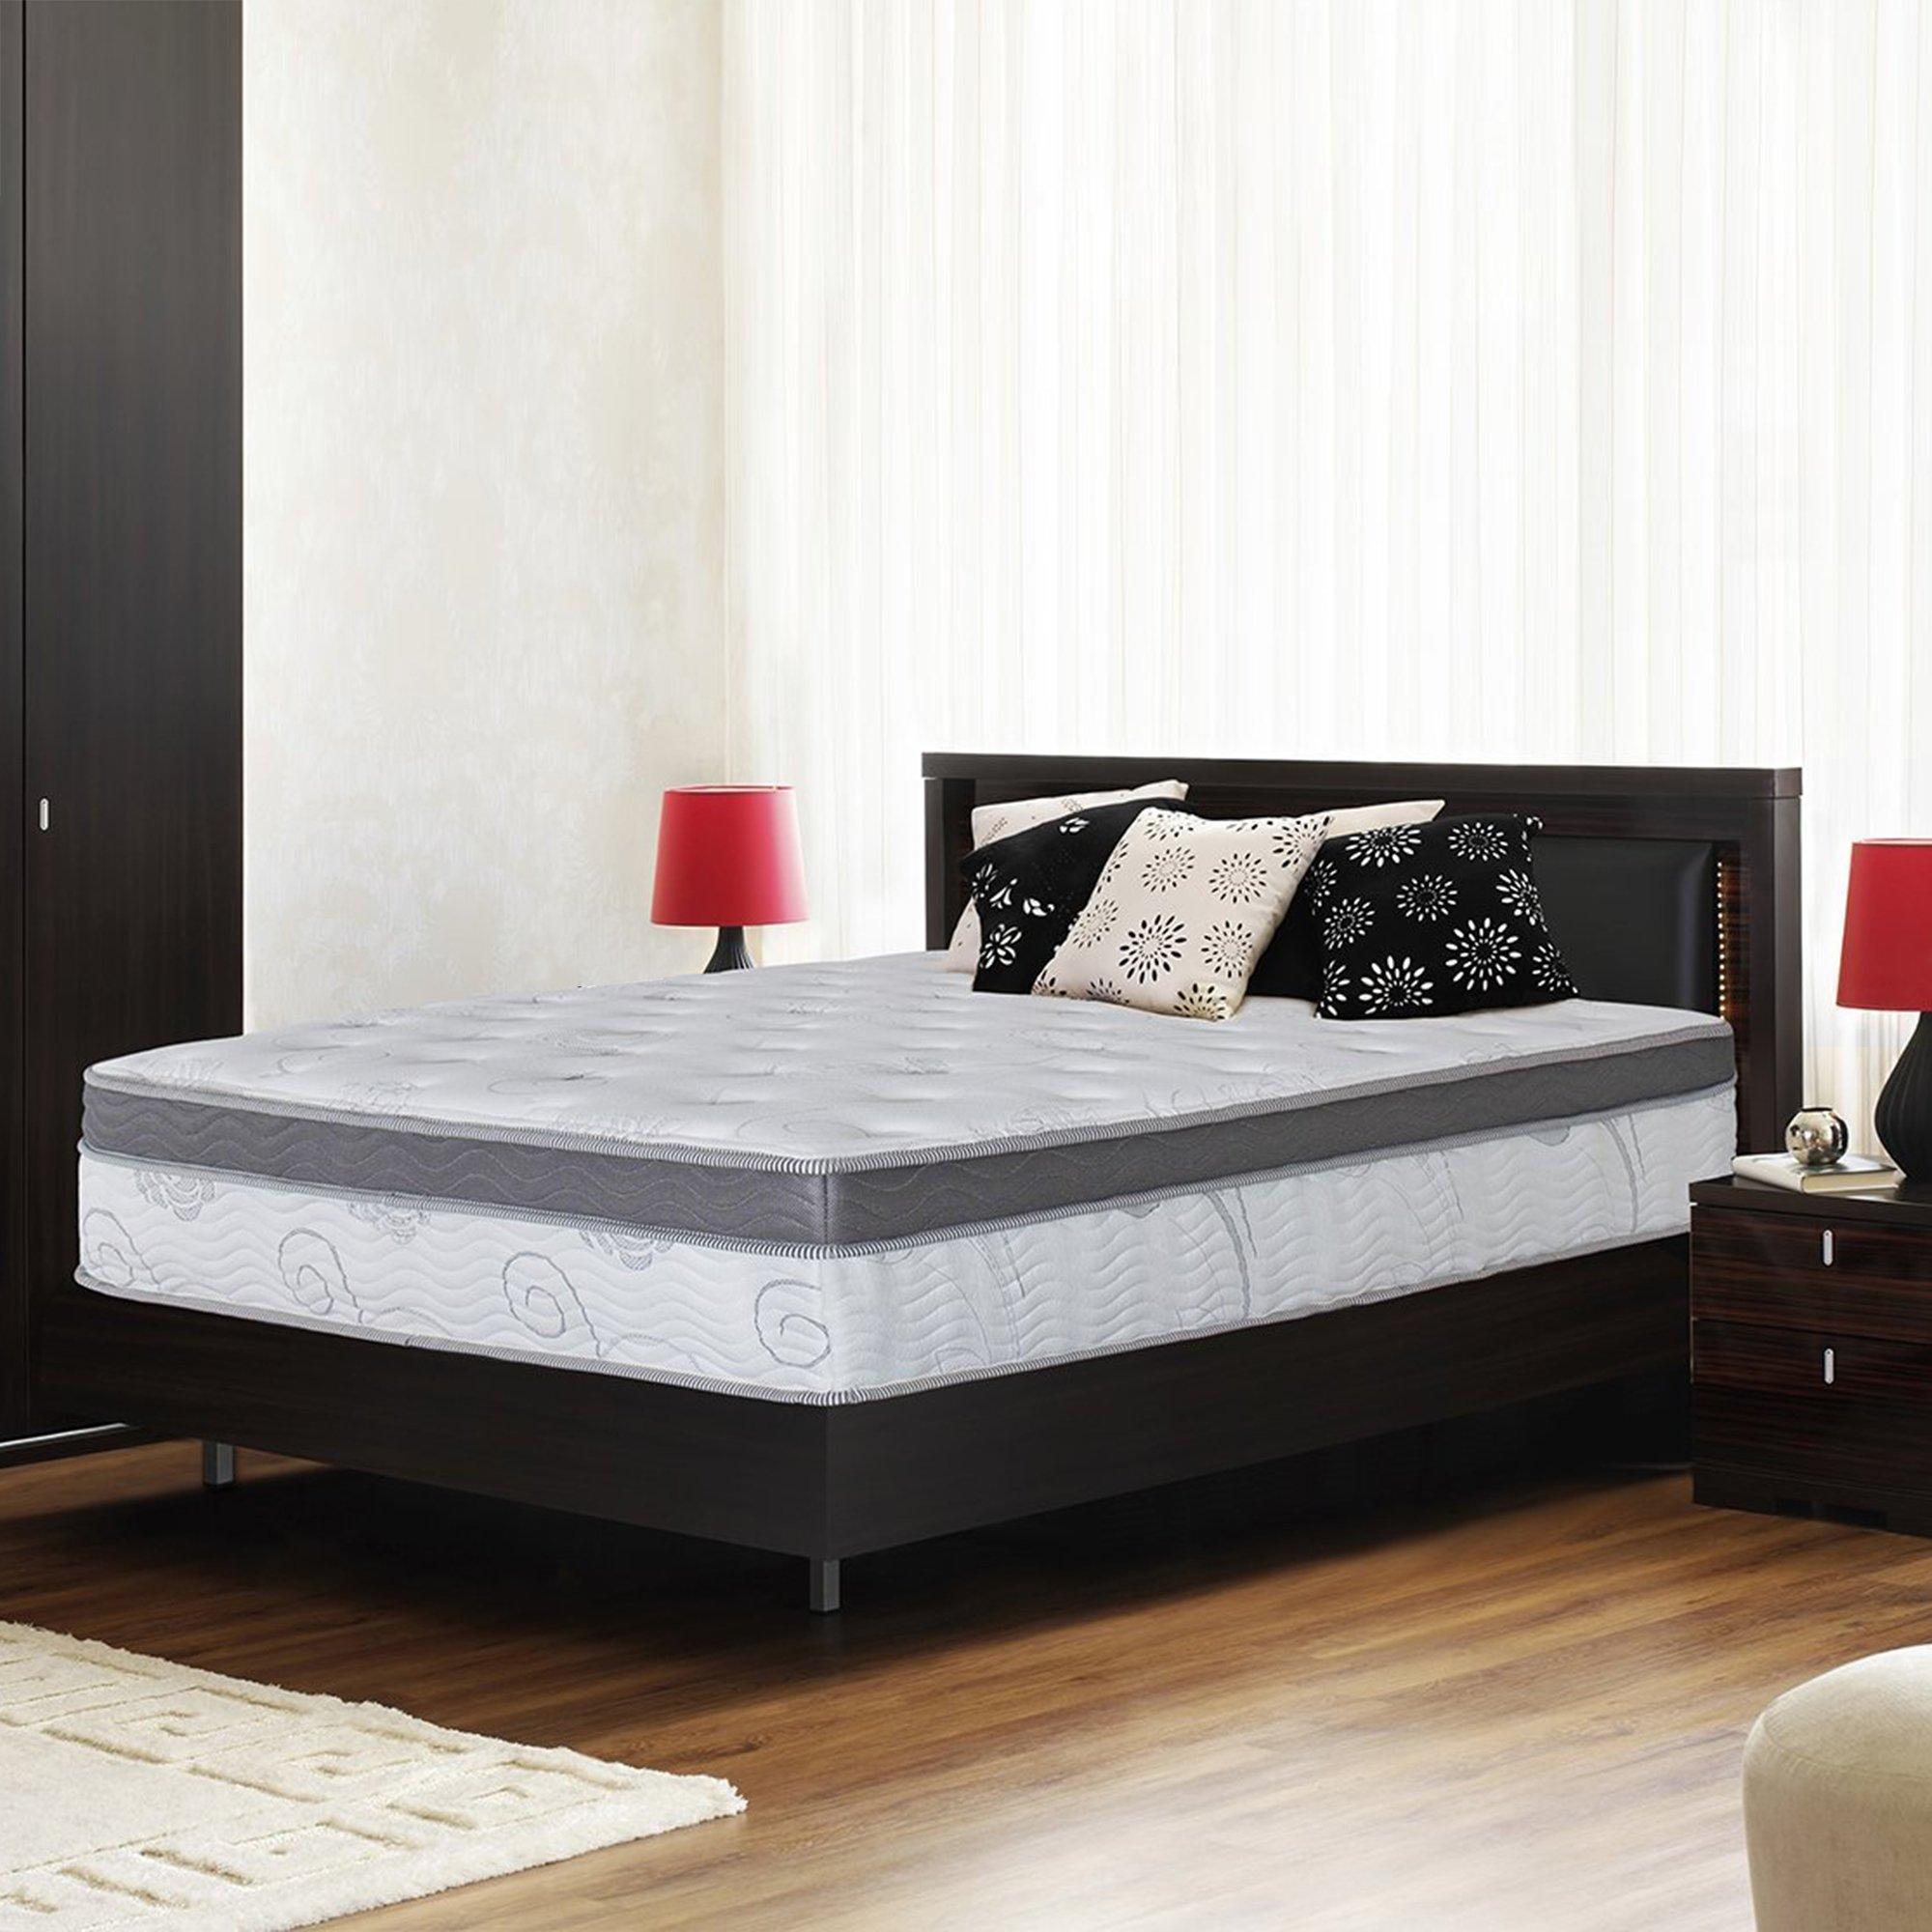 Olee Sleep 13 inch Galaxy Hybrid Gel Infused Memory Foam and Pocket Spring Mattress (King) by Olee Sleep